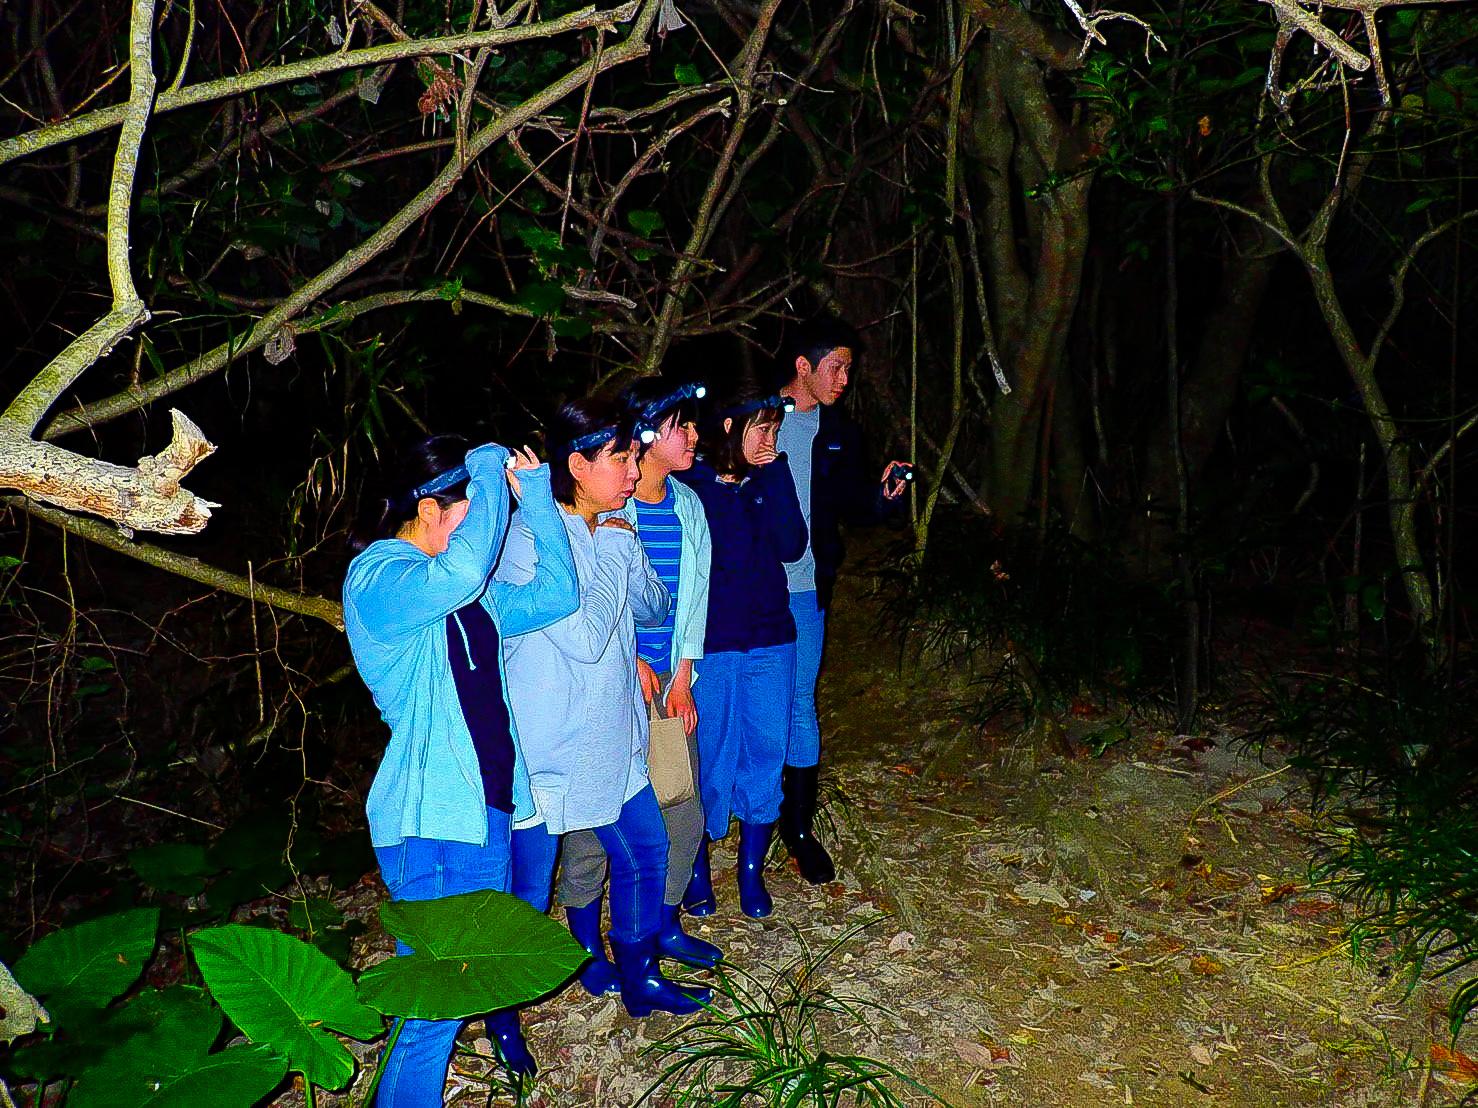 石垣島の夜のツアー時の服装